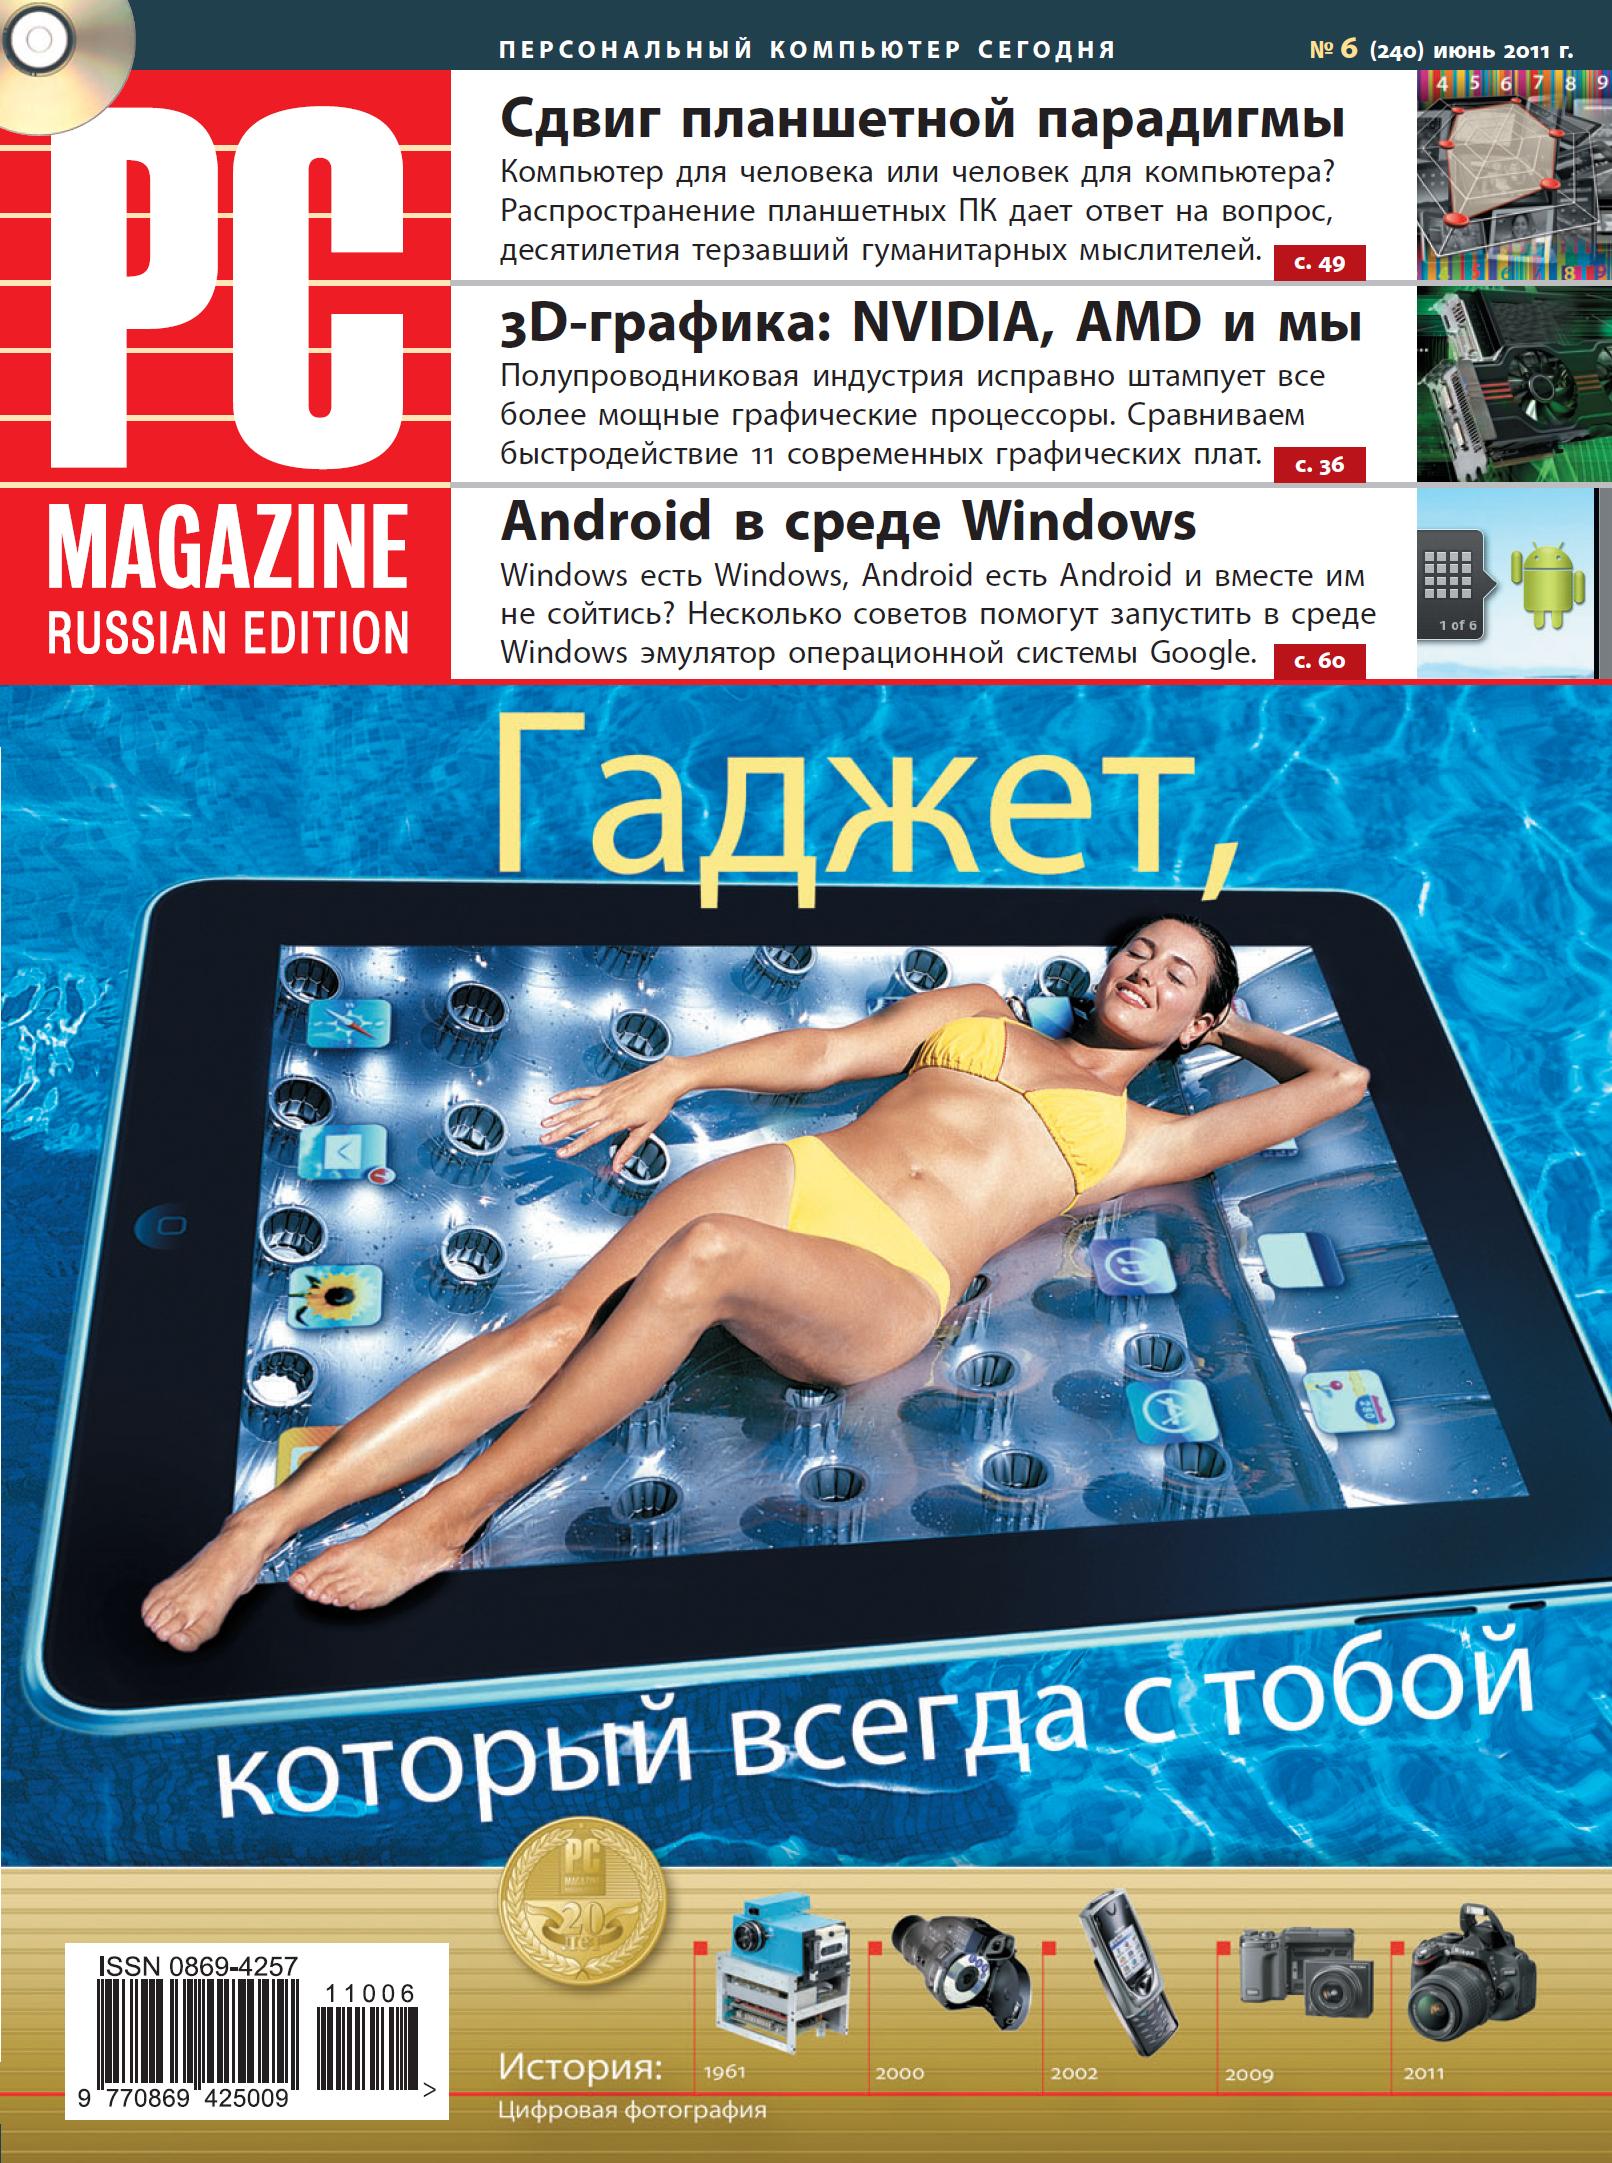 Книга Журнал PC Magazine/RE №6/2011